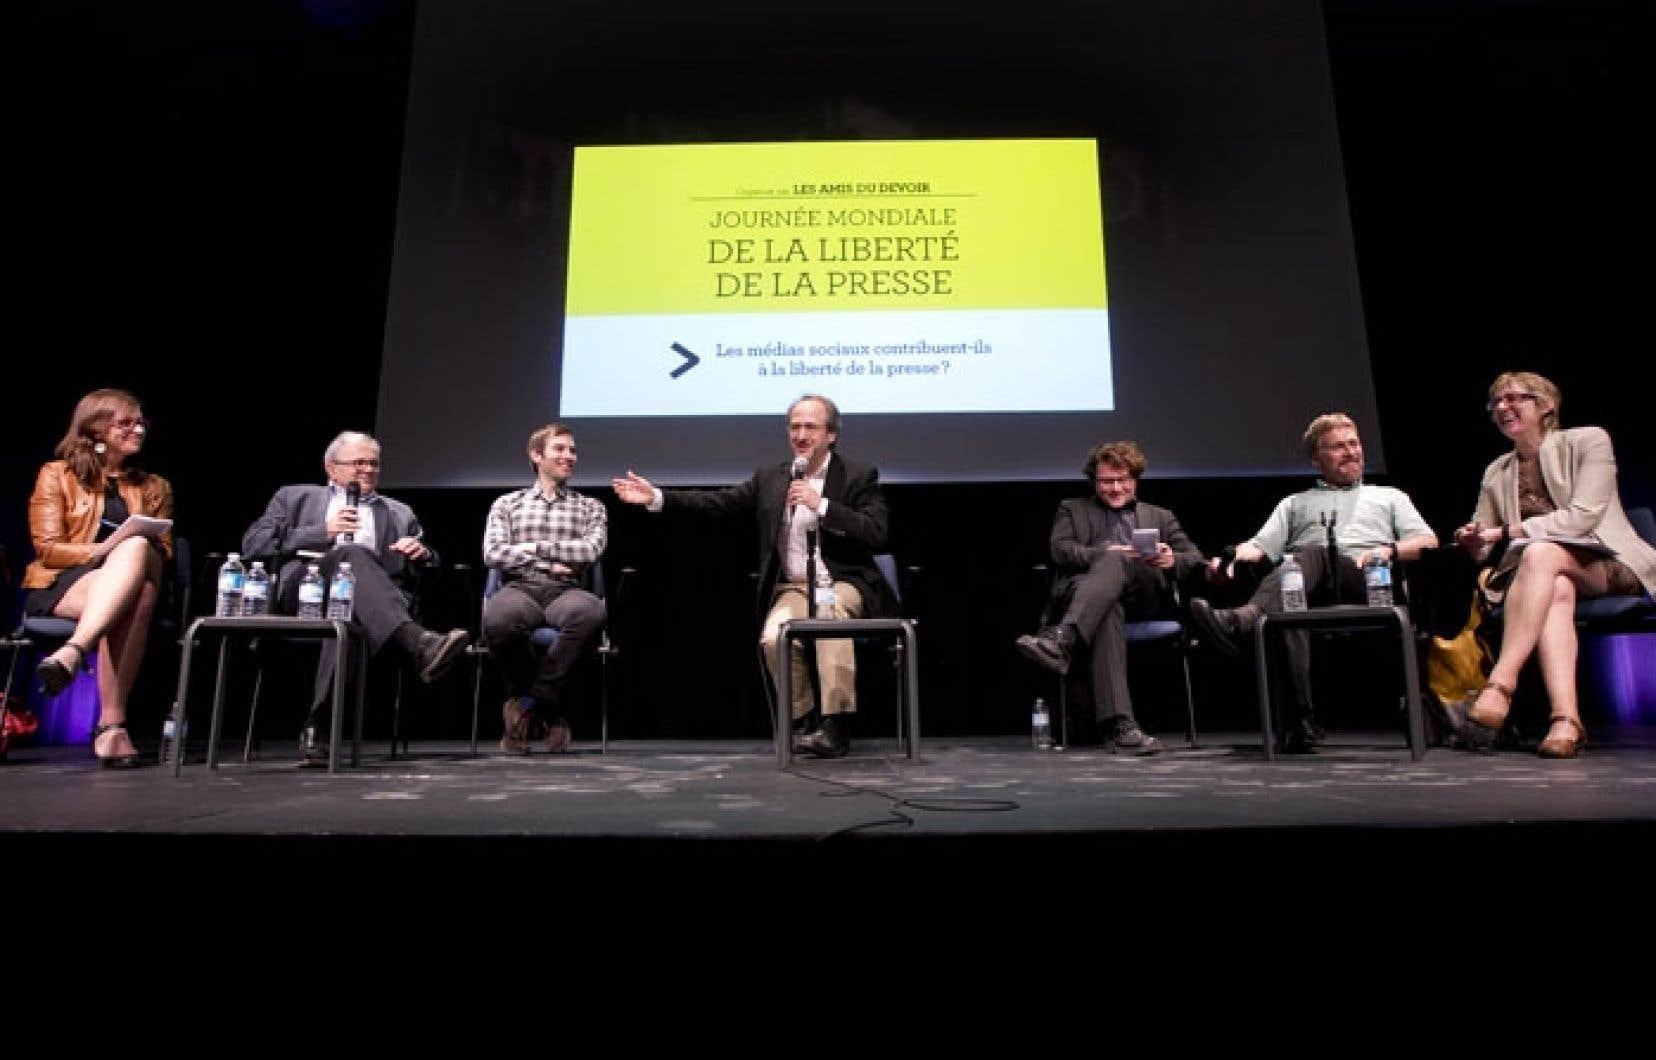 Lisa-Marie Gervais, Jean-Jacques Stréliski, David Desjardins, Antoine Robitaille, Fabien Deglise, Pierre Sormany et Carole Beaulieu ont participé au débat organisé la veille de la Journée mondiale de la liberté de la presse.